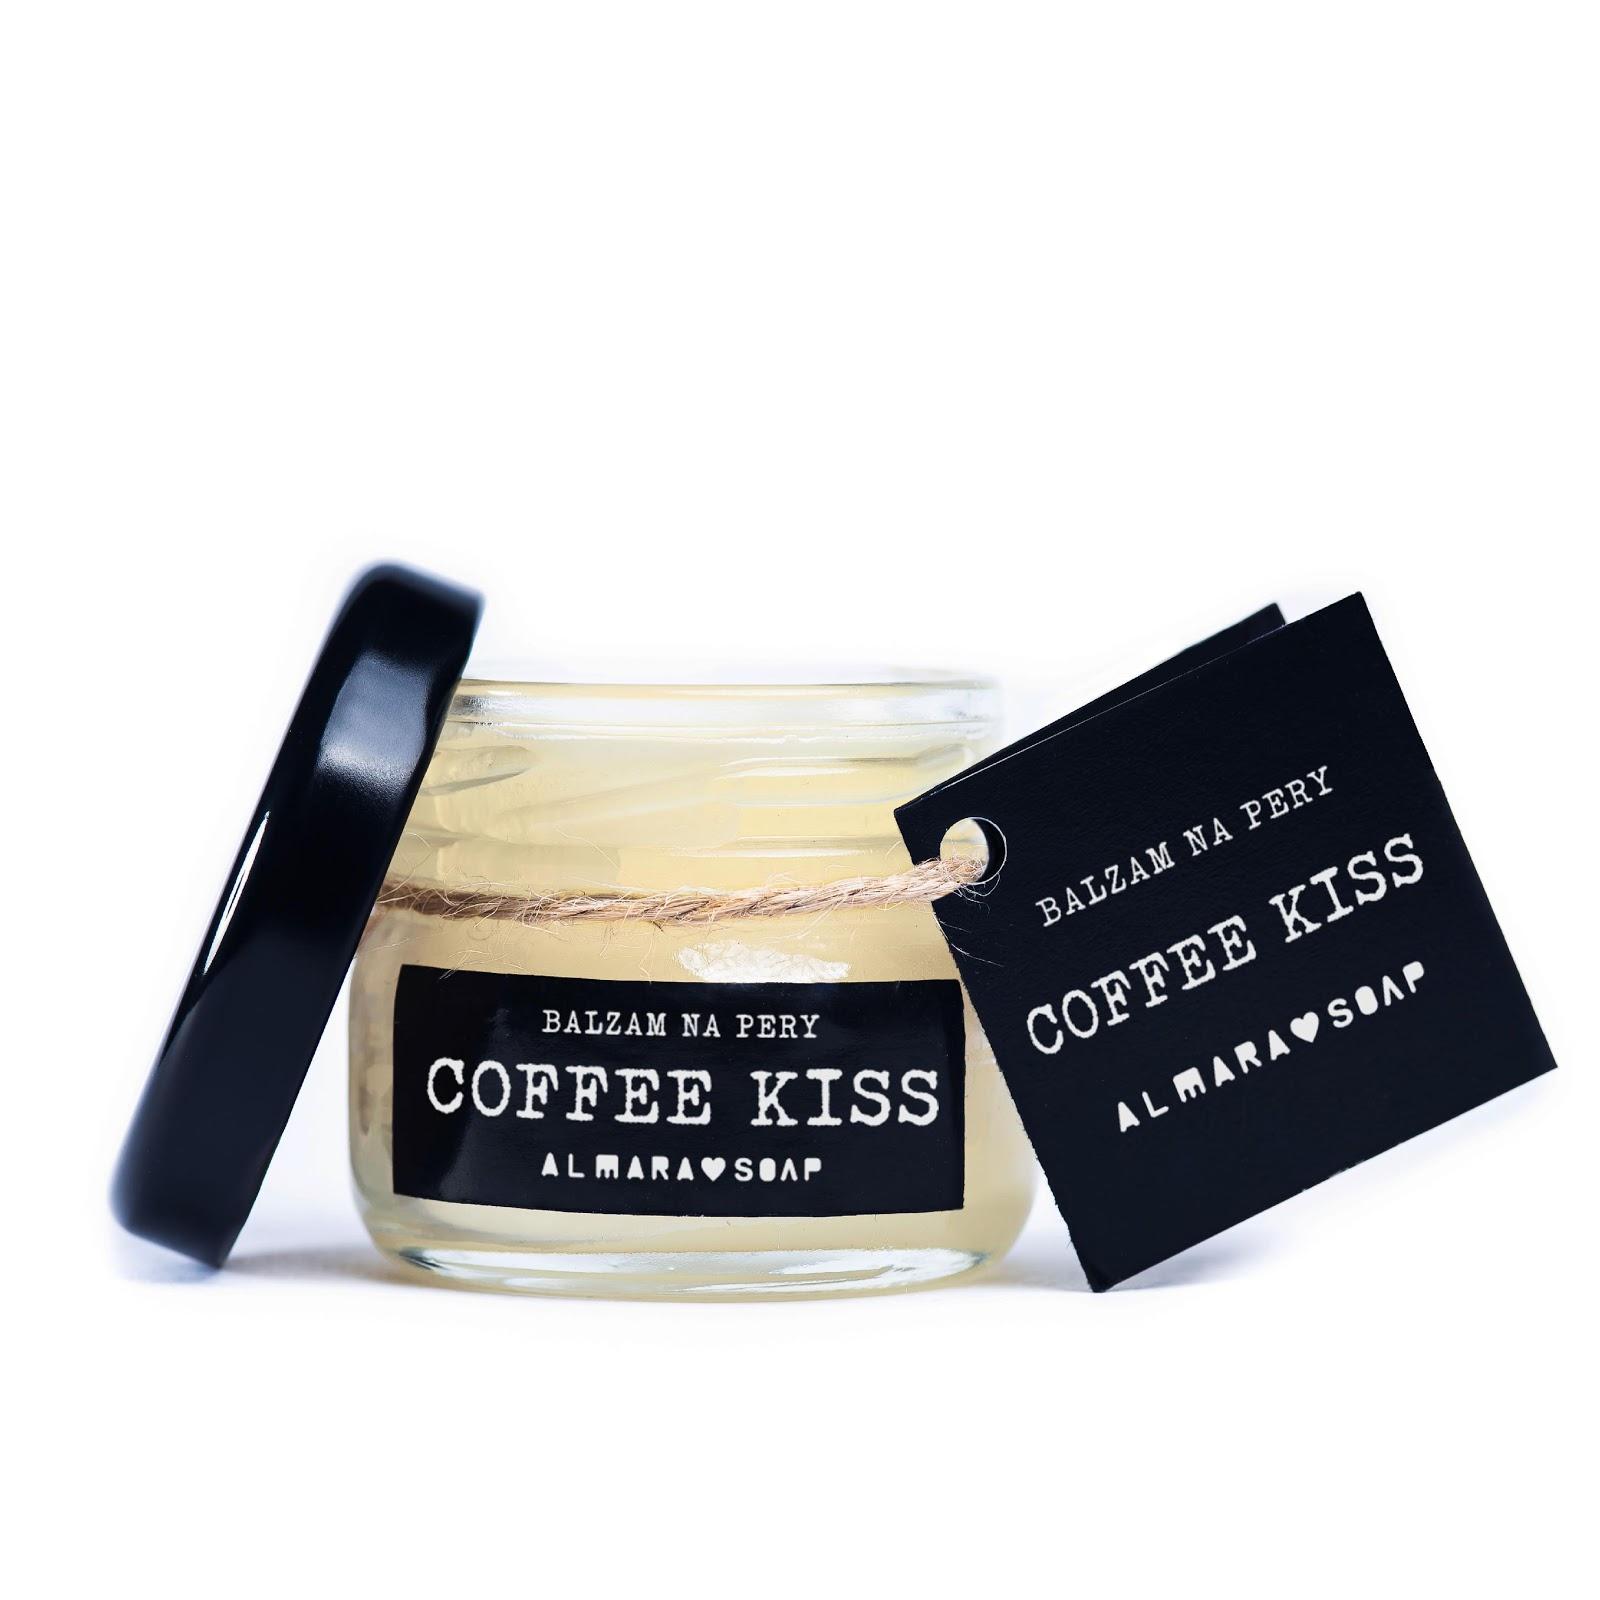 Balzam na pery Coffee Kiss